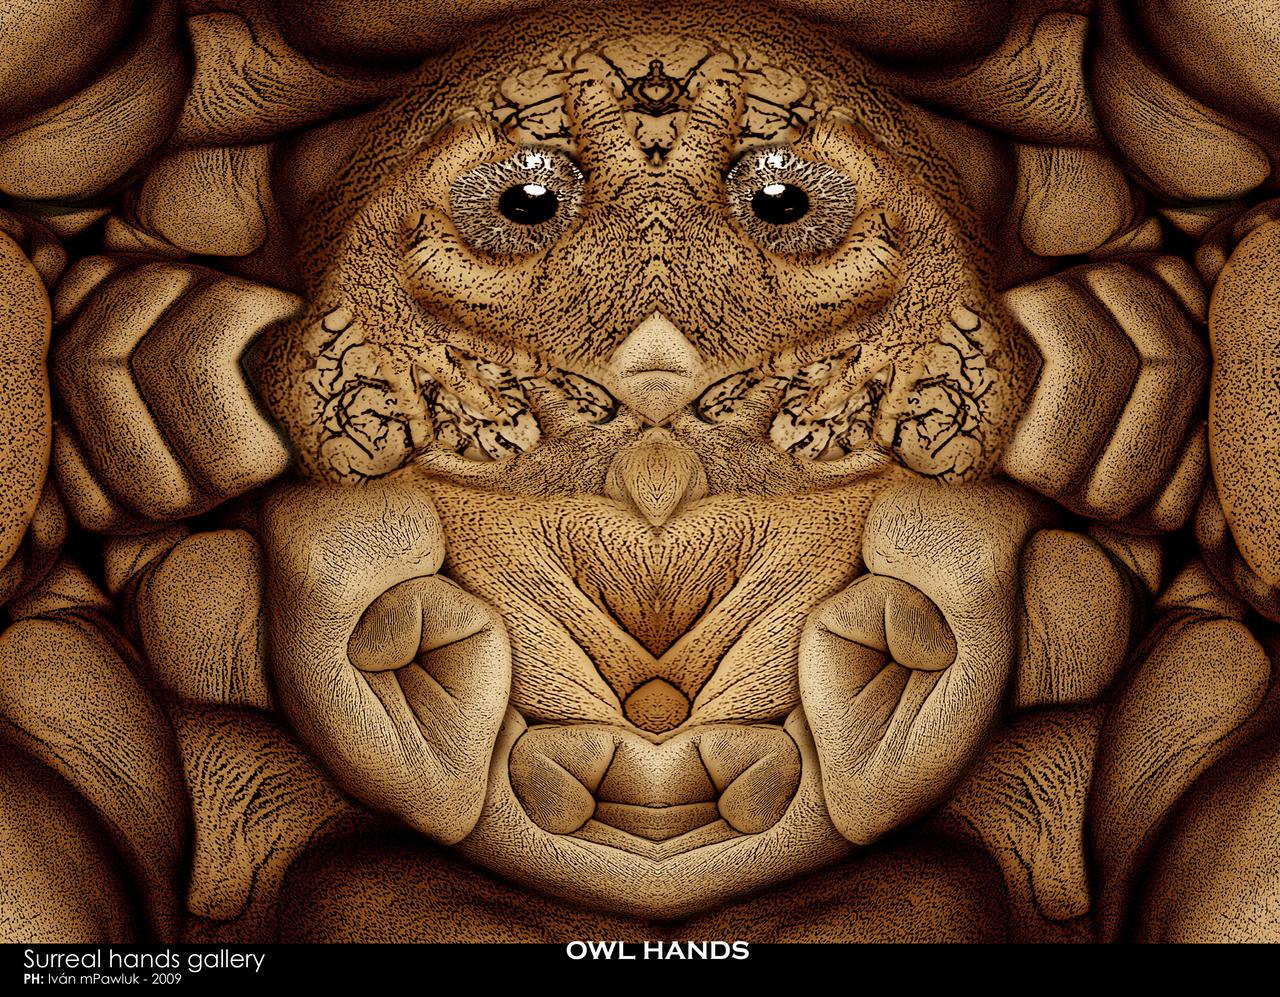 OWL HANDS